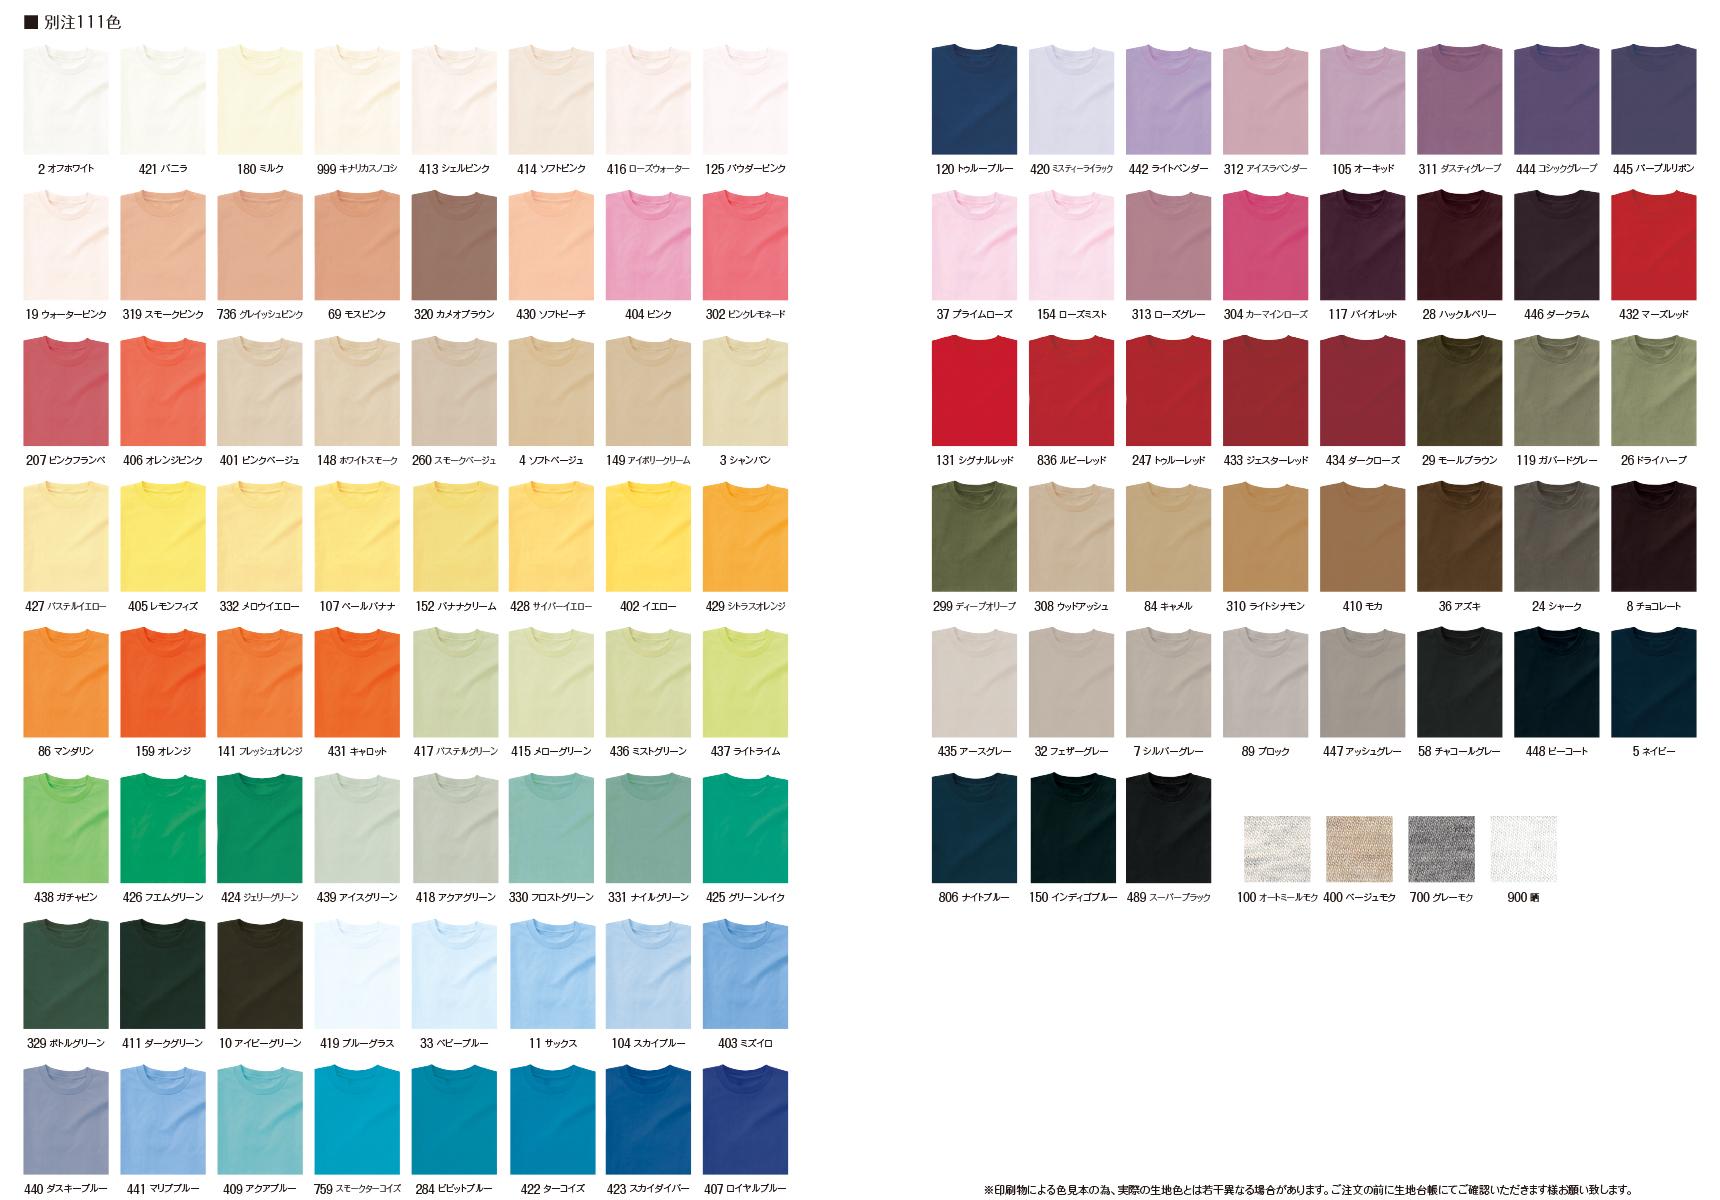 10222|国産無地Tシャツ|ダイヤコンドルJメイド ソフトヘビーTシャツ別注カラーバリエーション